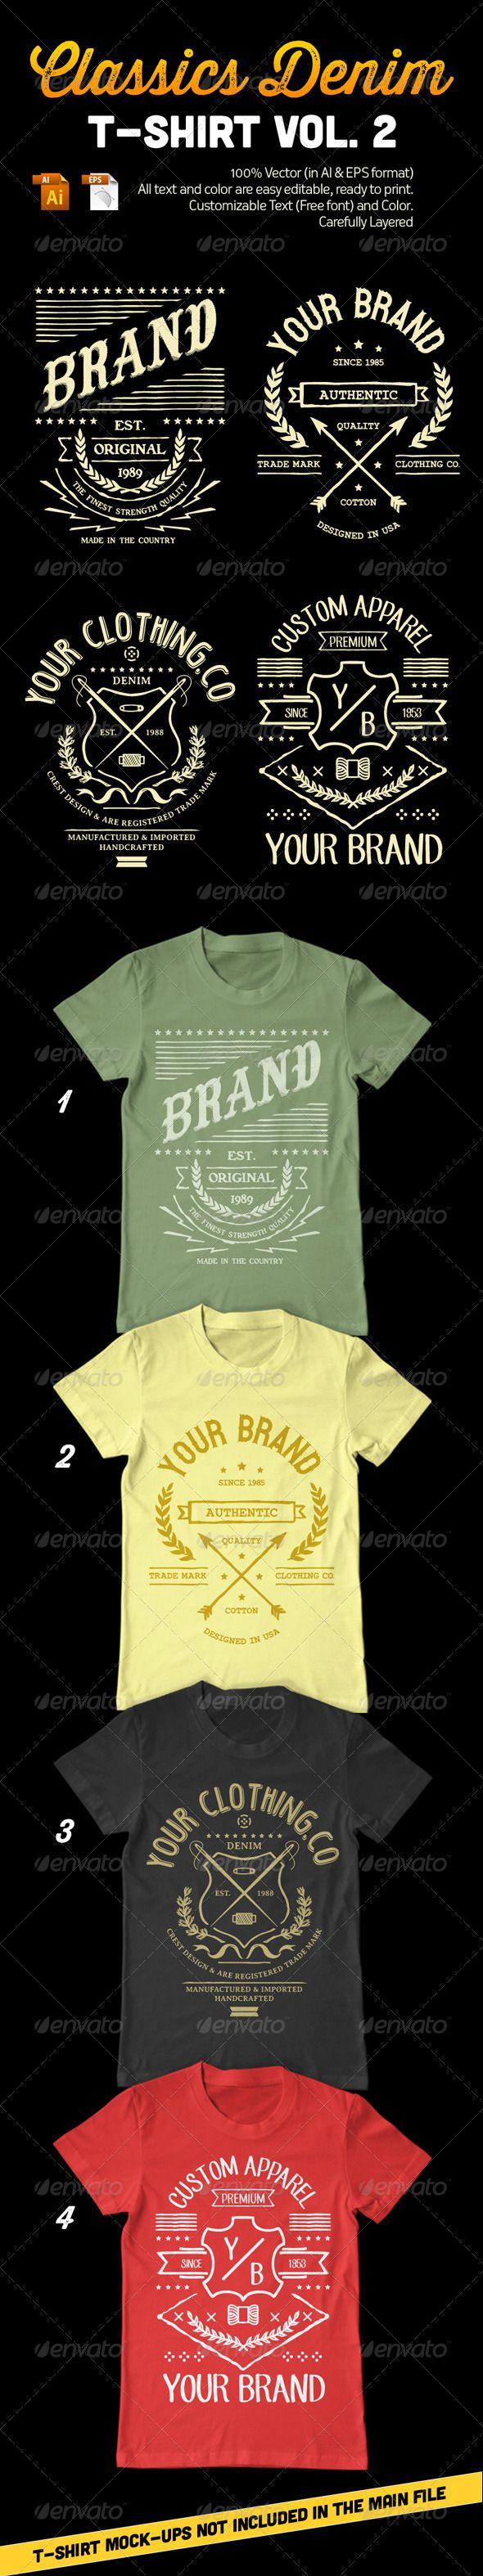 Classics Denim T-Shirt Vol. 2